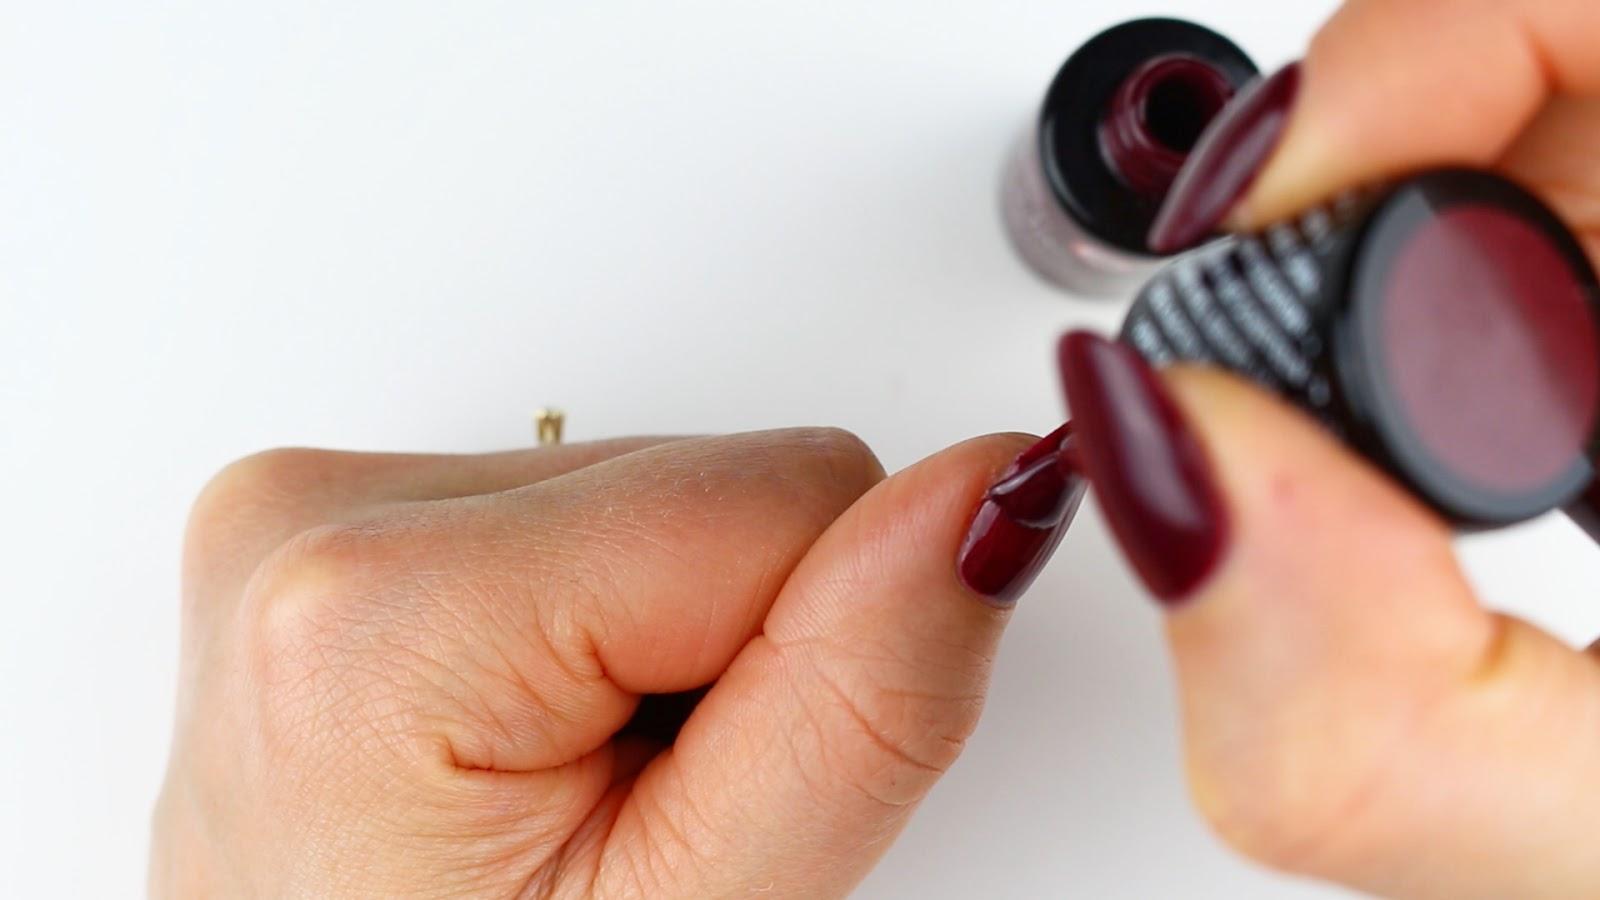 Eingerissenen Fingernagel mit Farbe lackieren